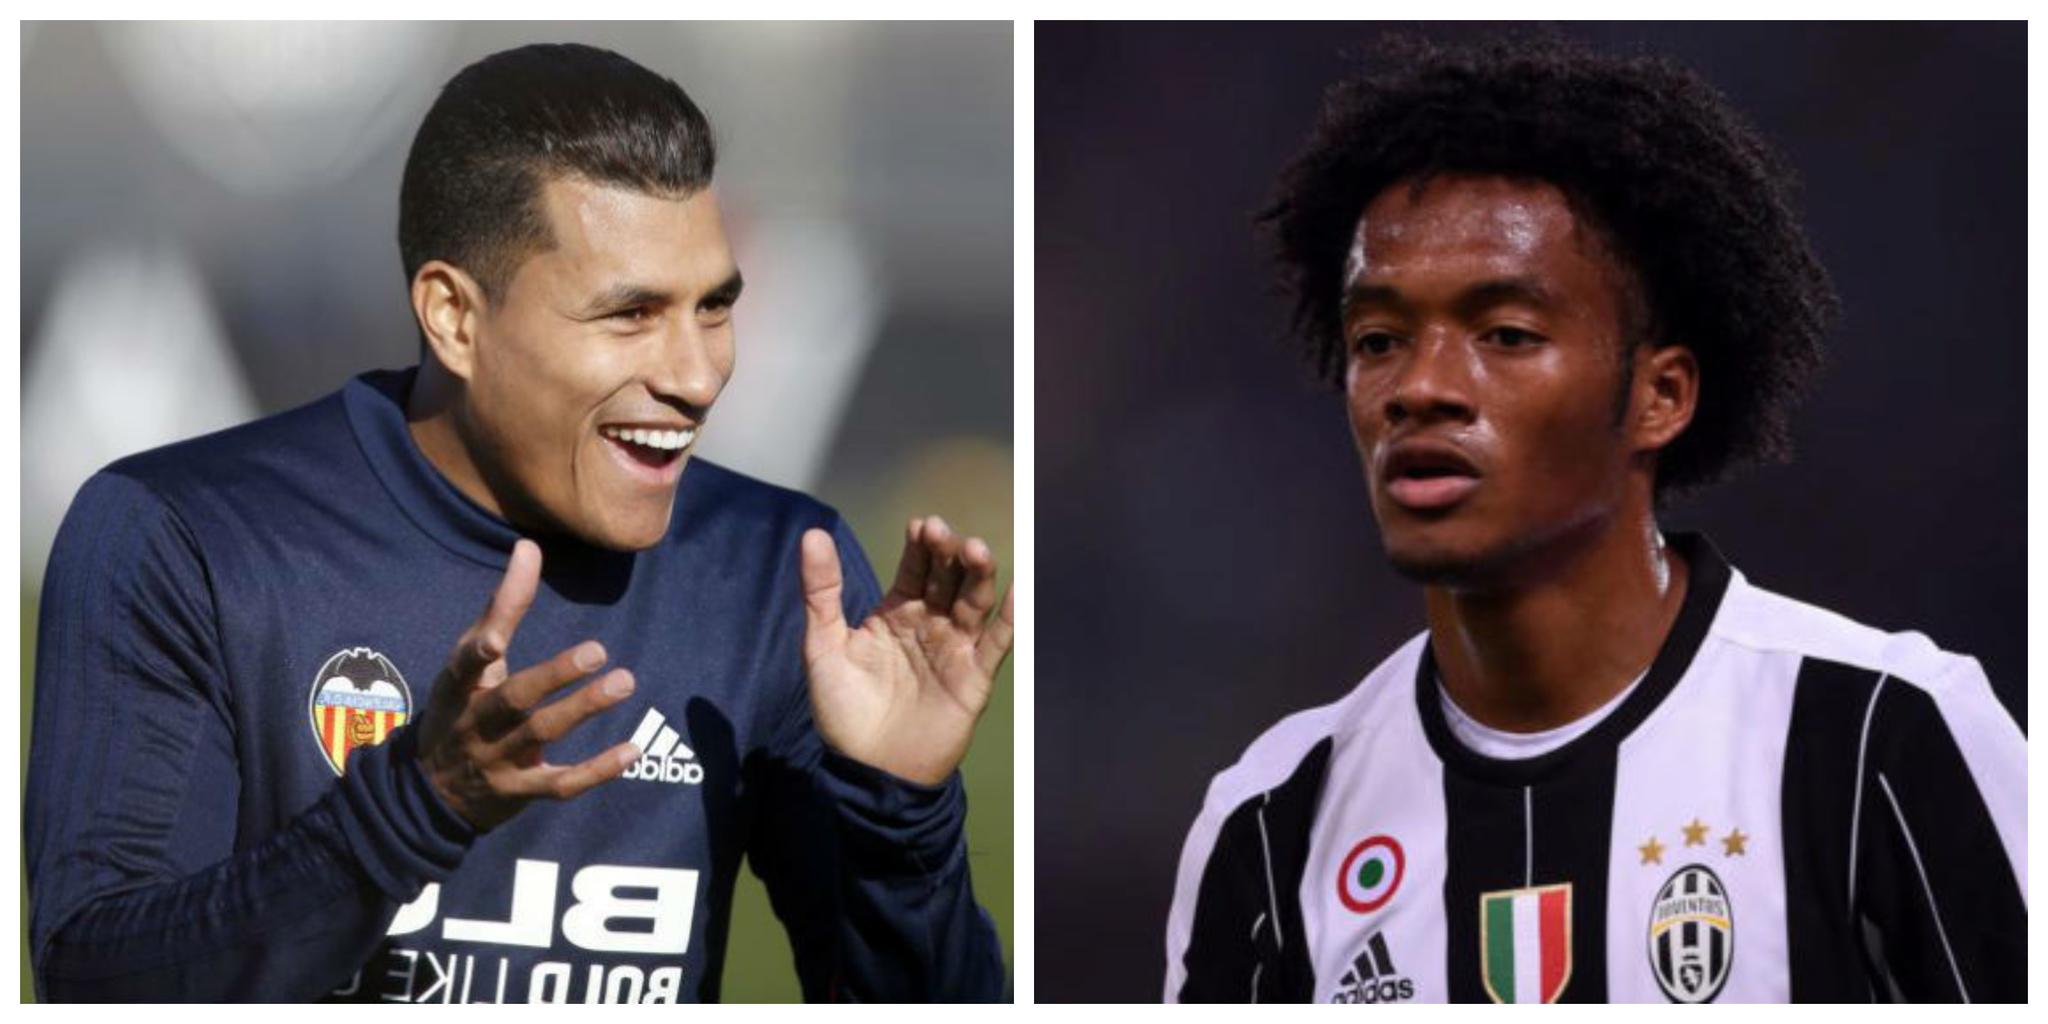 Cristiano Ronaldo expulsado por agresión a colombiano Murillo | Deportes